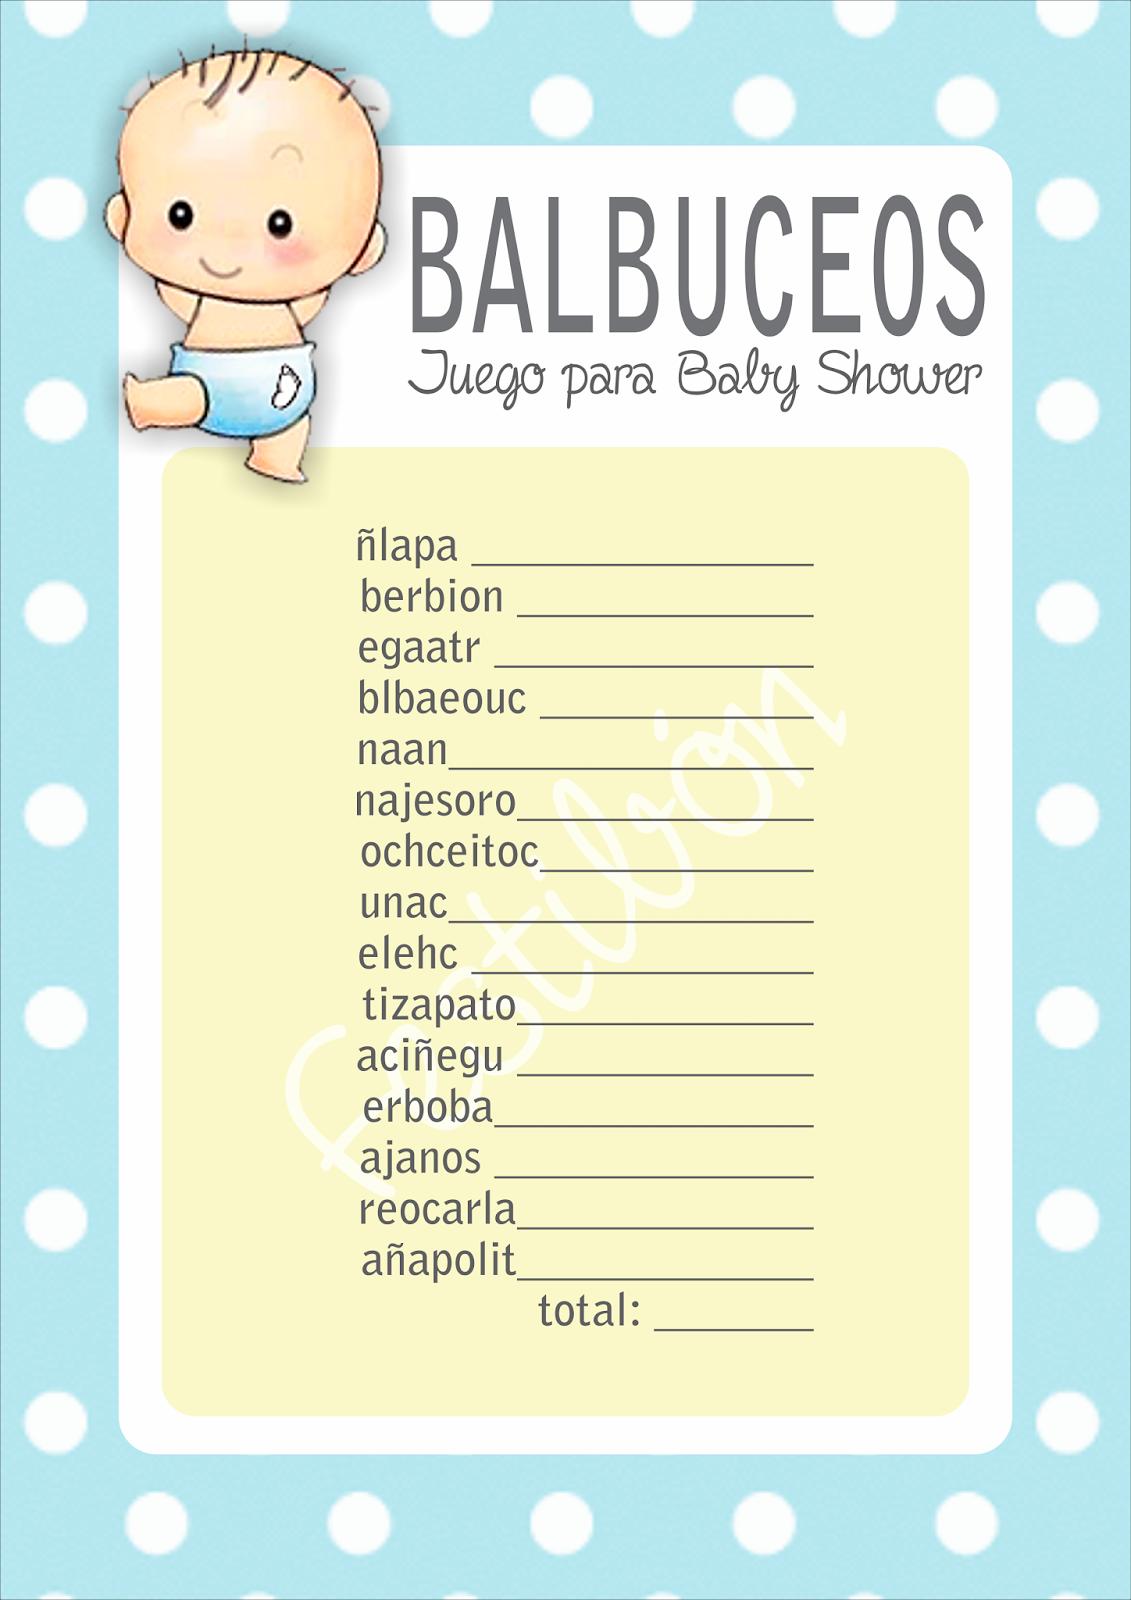 Balbuceos Juegos Para Baby Shower Para Imprimir Juegos De Baby